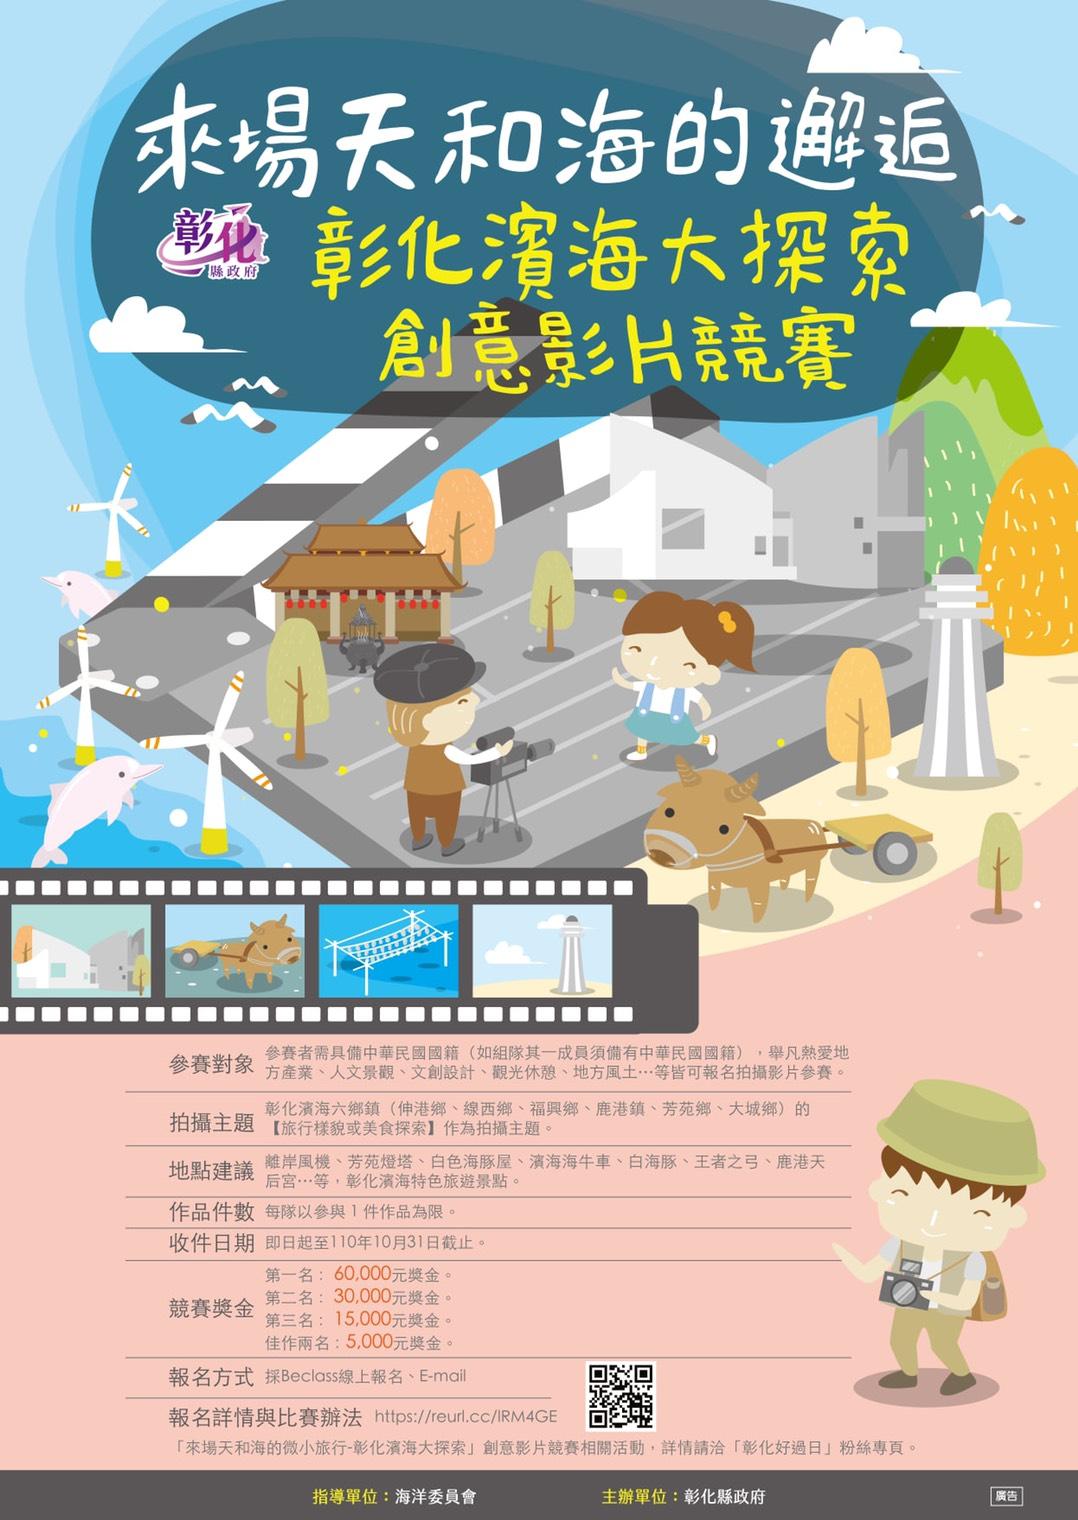 「來場天和海的邂逅-彰化濱海大探索」創意影片競賽正式開跑